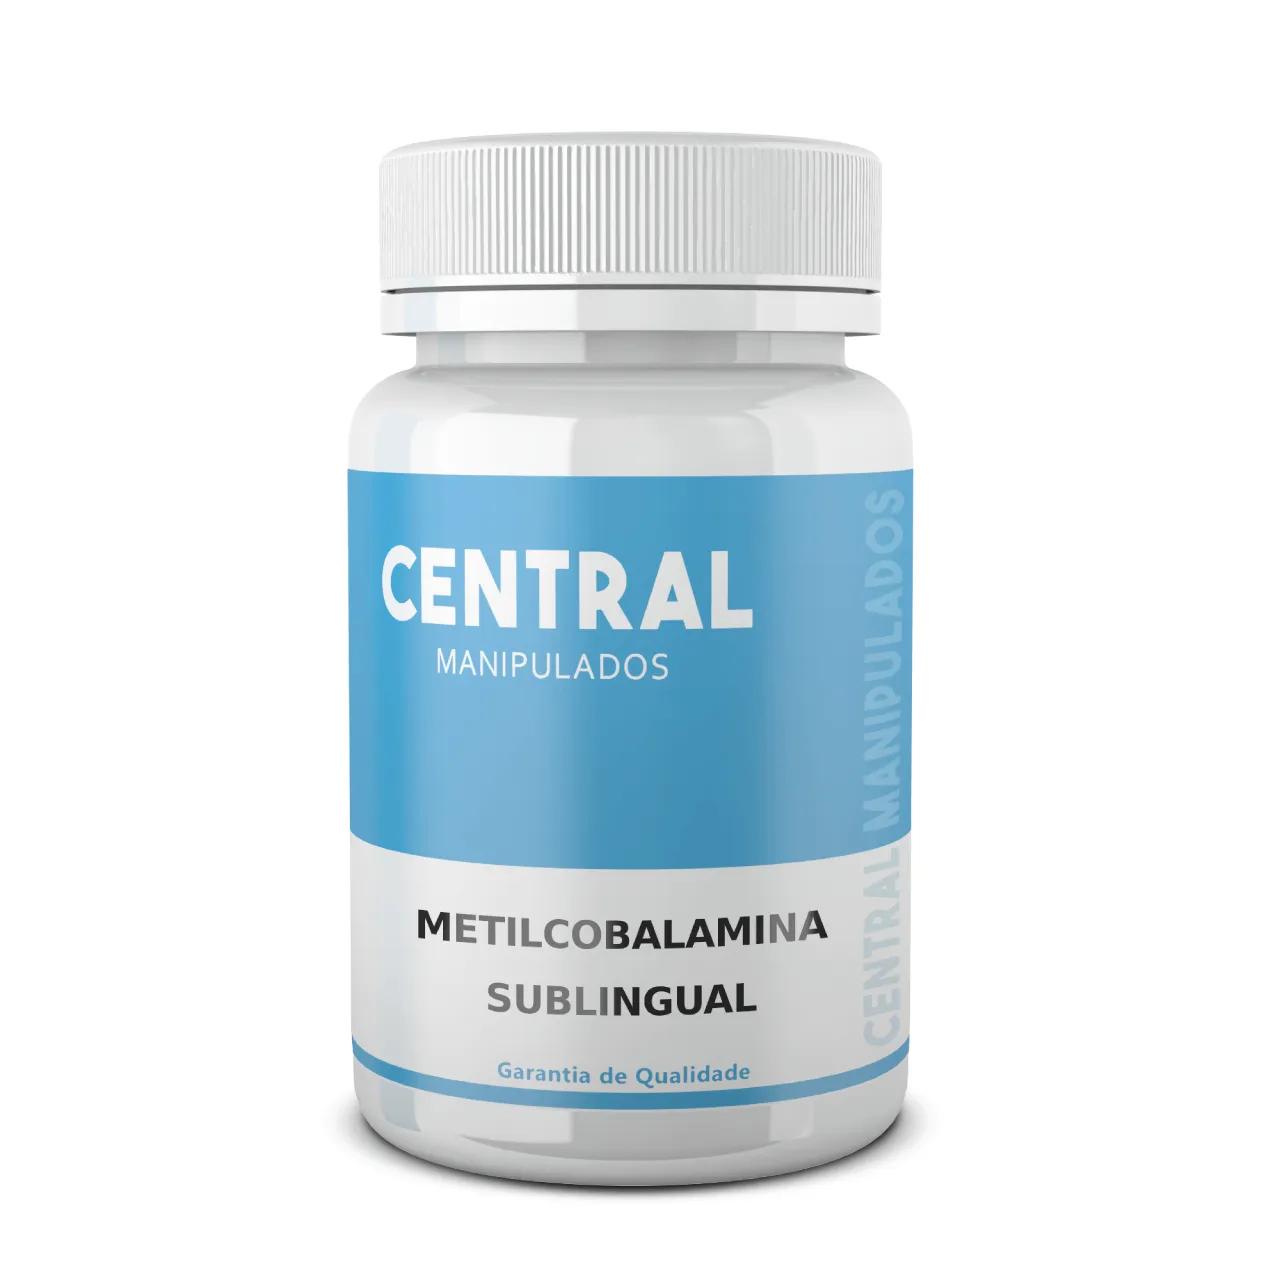 Metilcobalamina 500mcg - 120 cápsulas - Vitamina B12 - Sublingual (Tapiocaps)